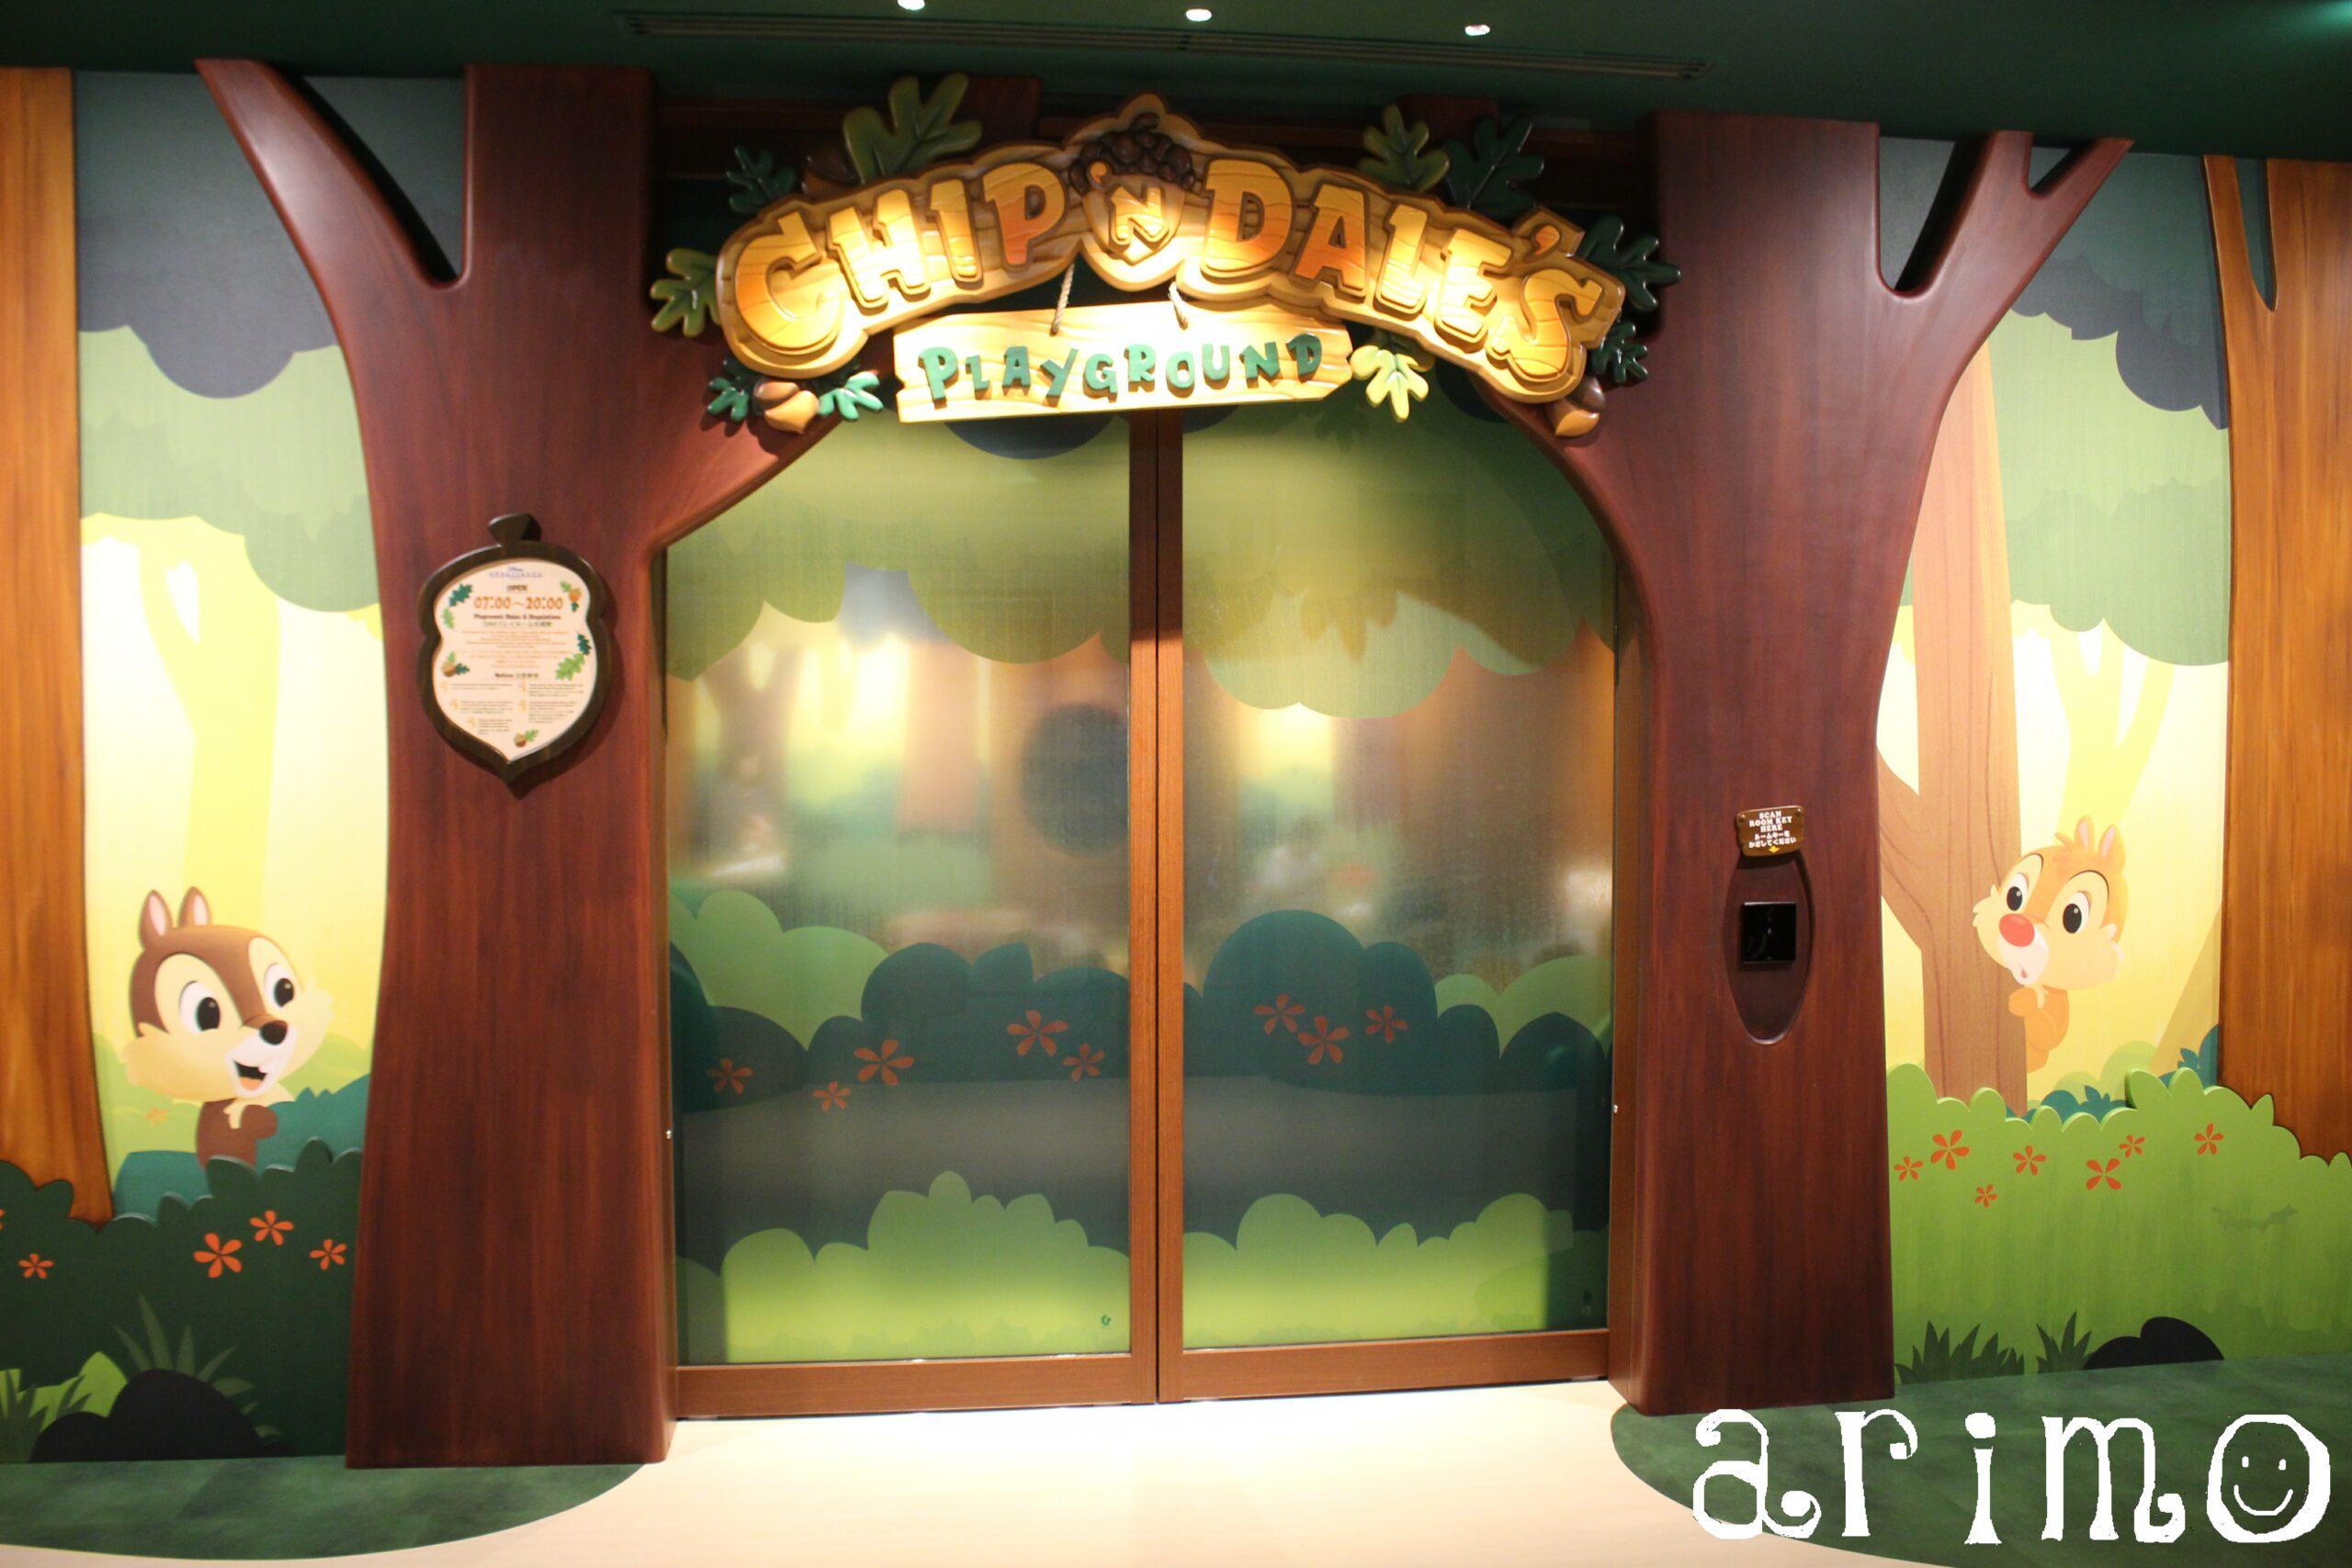 アンバサダーホテル[チップとデールのプレイグラウンド]open